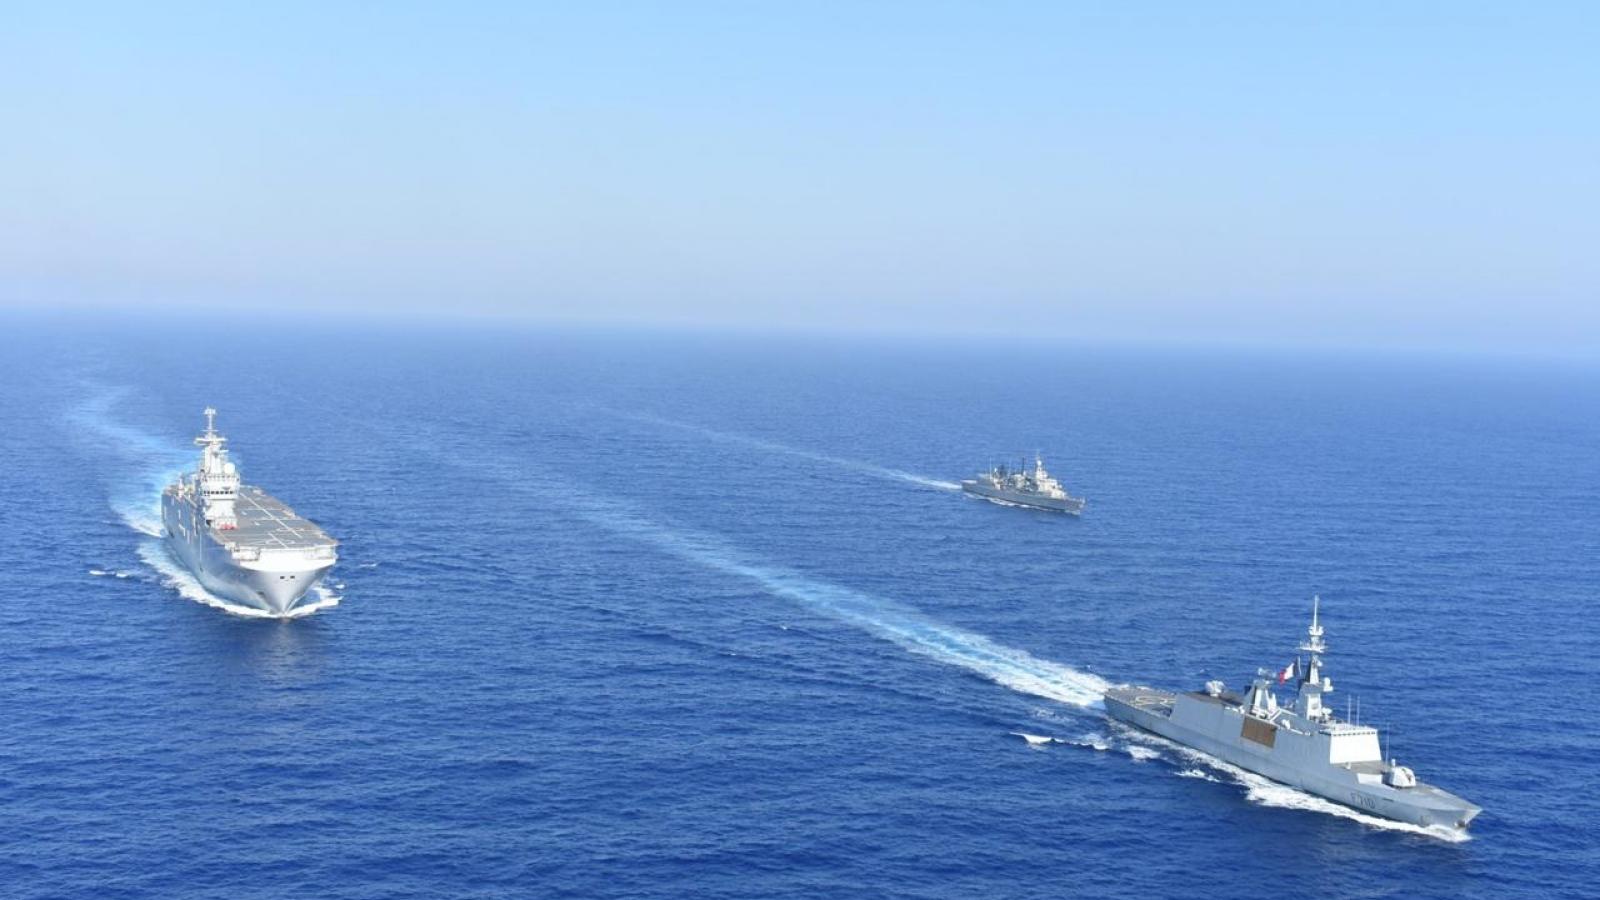 """Bị Thổ Nhĩ Kỳ chê """"già yếu"""", Hy Lạp tuyên bố sẽ tăng cường sức mạnh quân sự"""